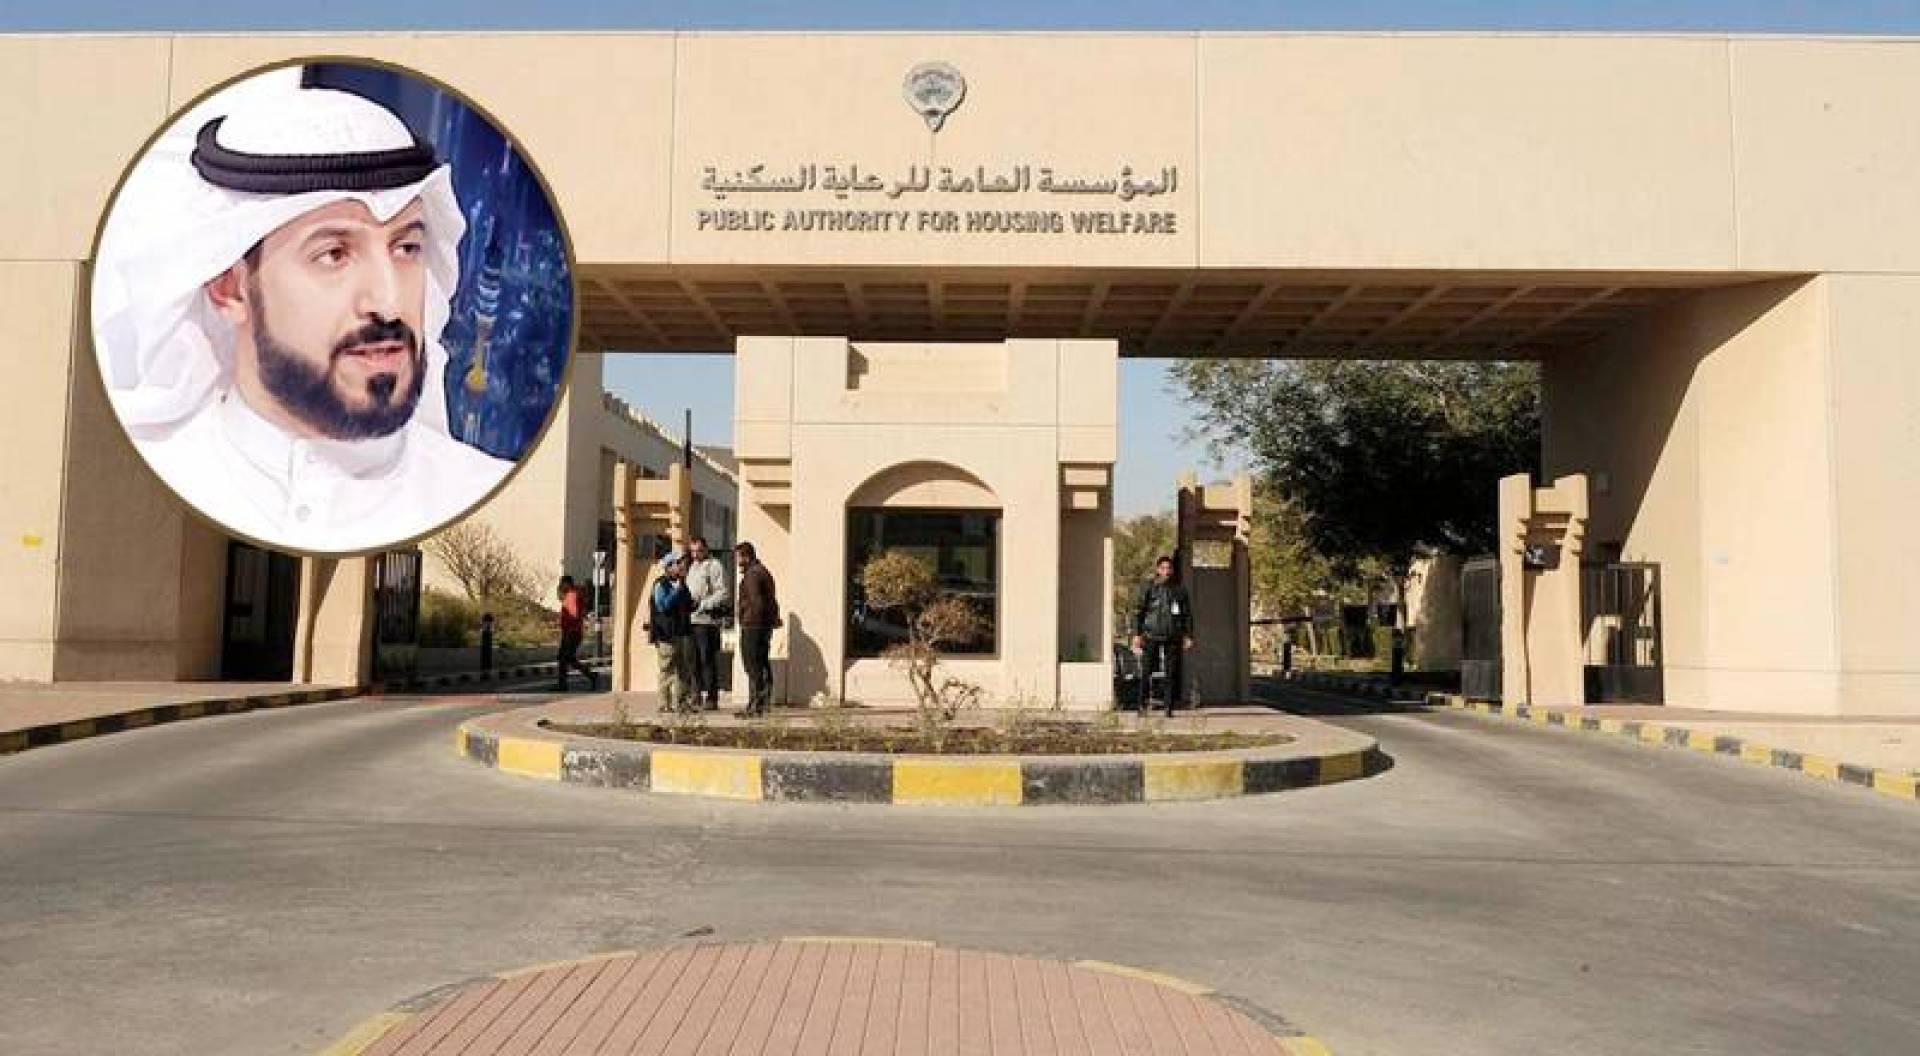 العتيبي: لجنة تحقيق للتأكد من سلامة مواد المشاريع الإسكانية